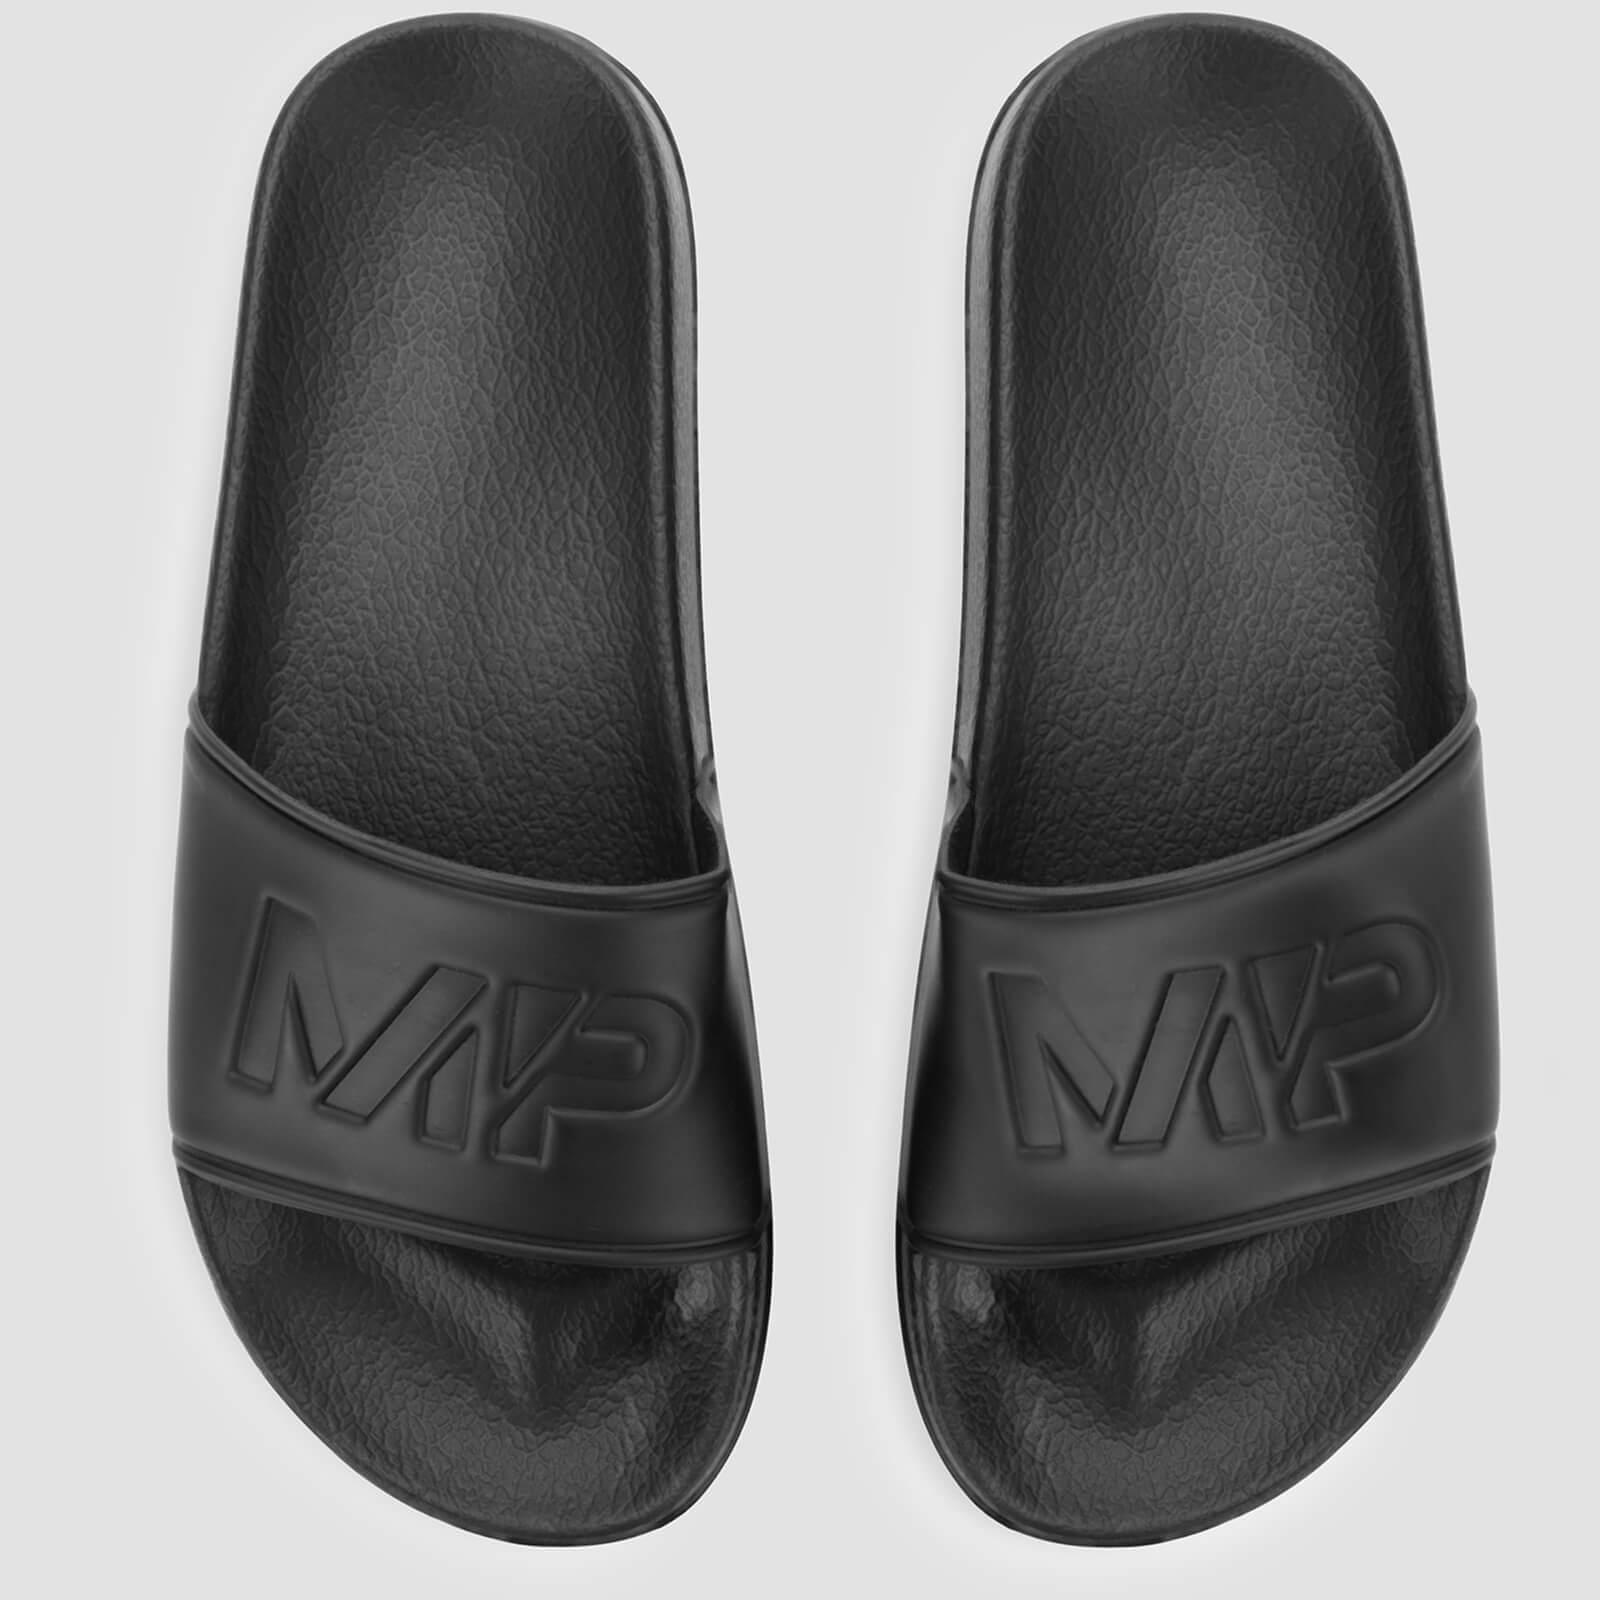 Myprotein Mp Men's Sliders - Sort - Uk 8